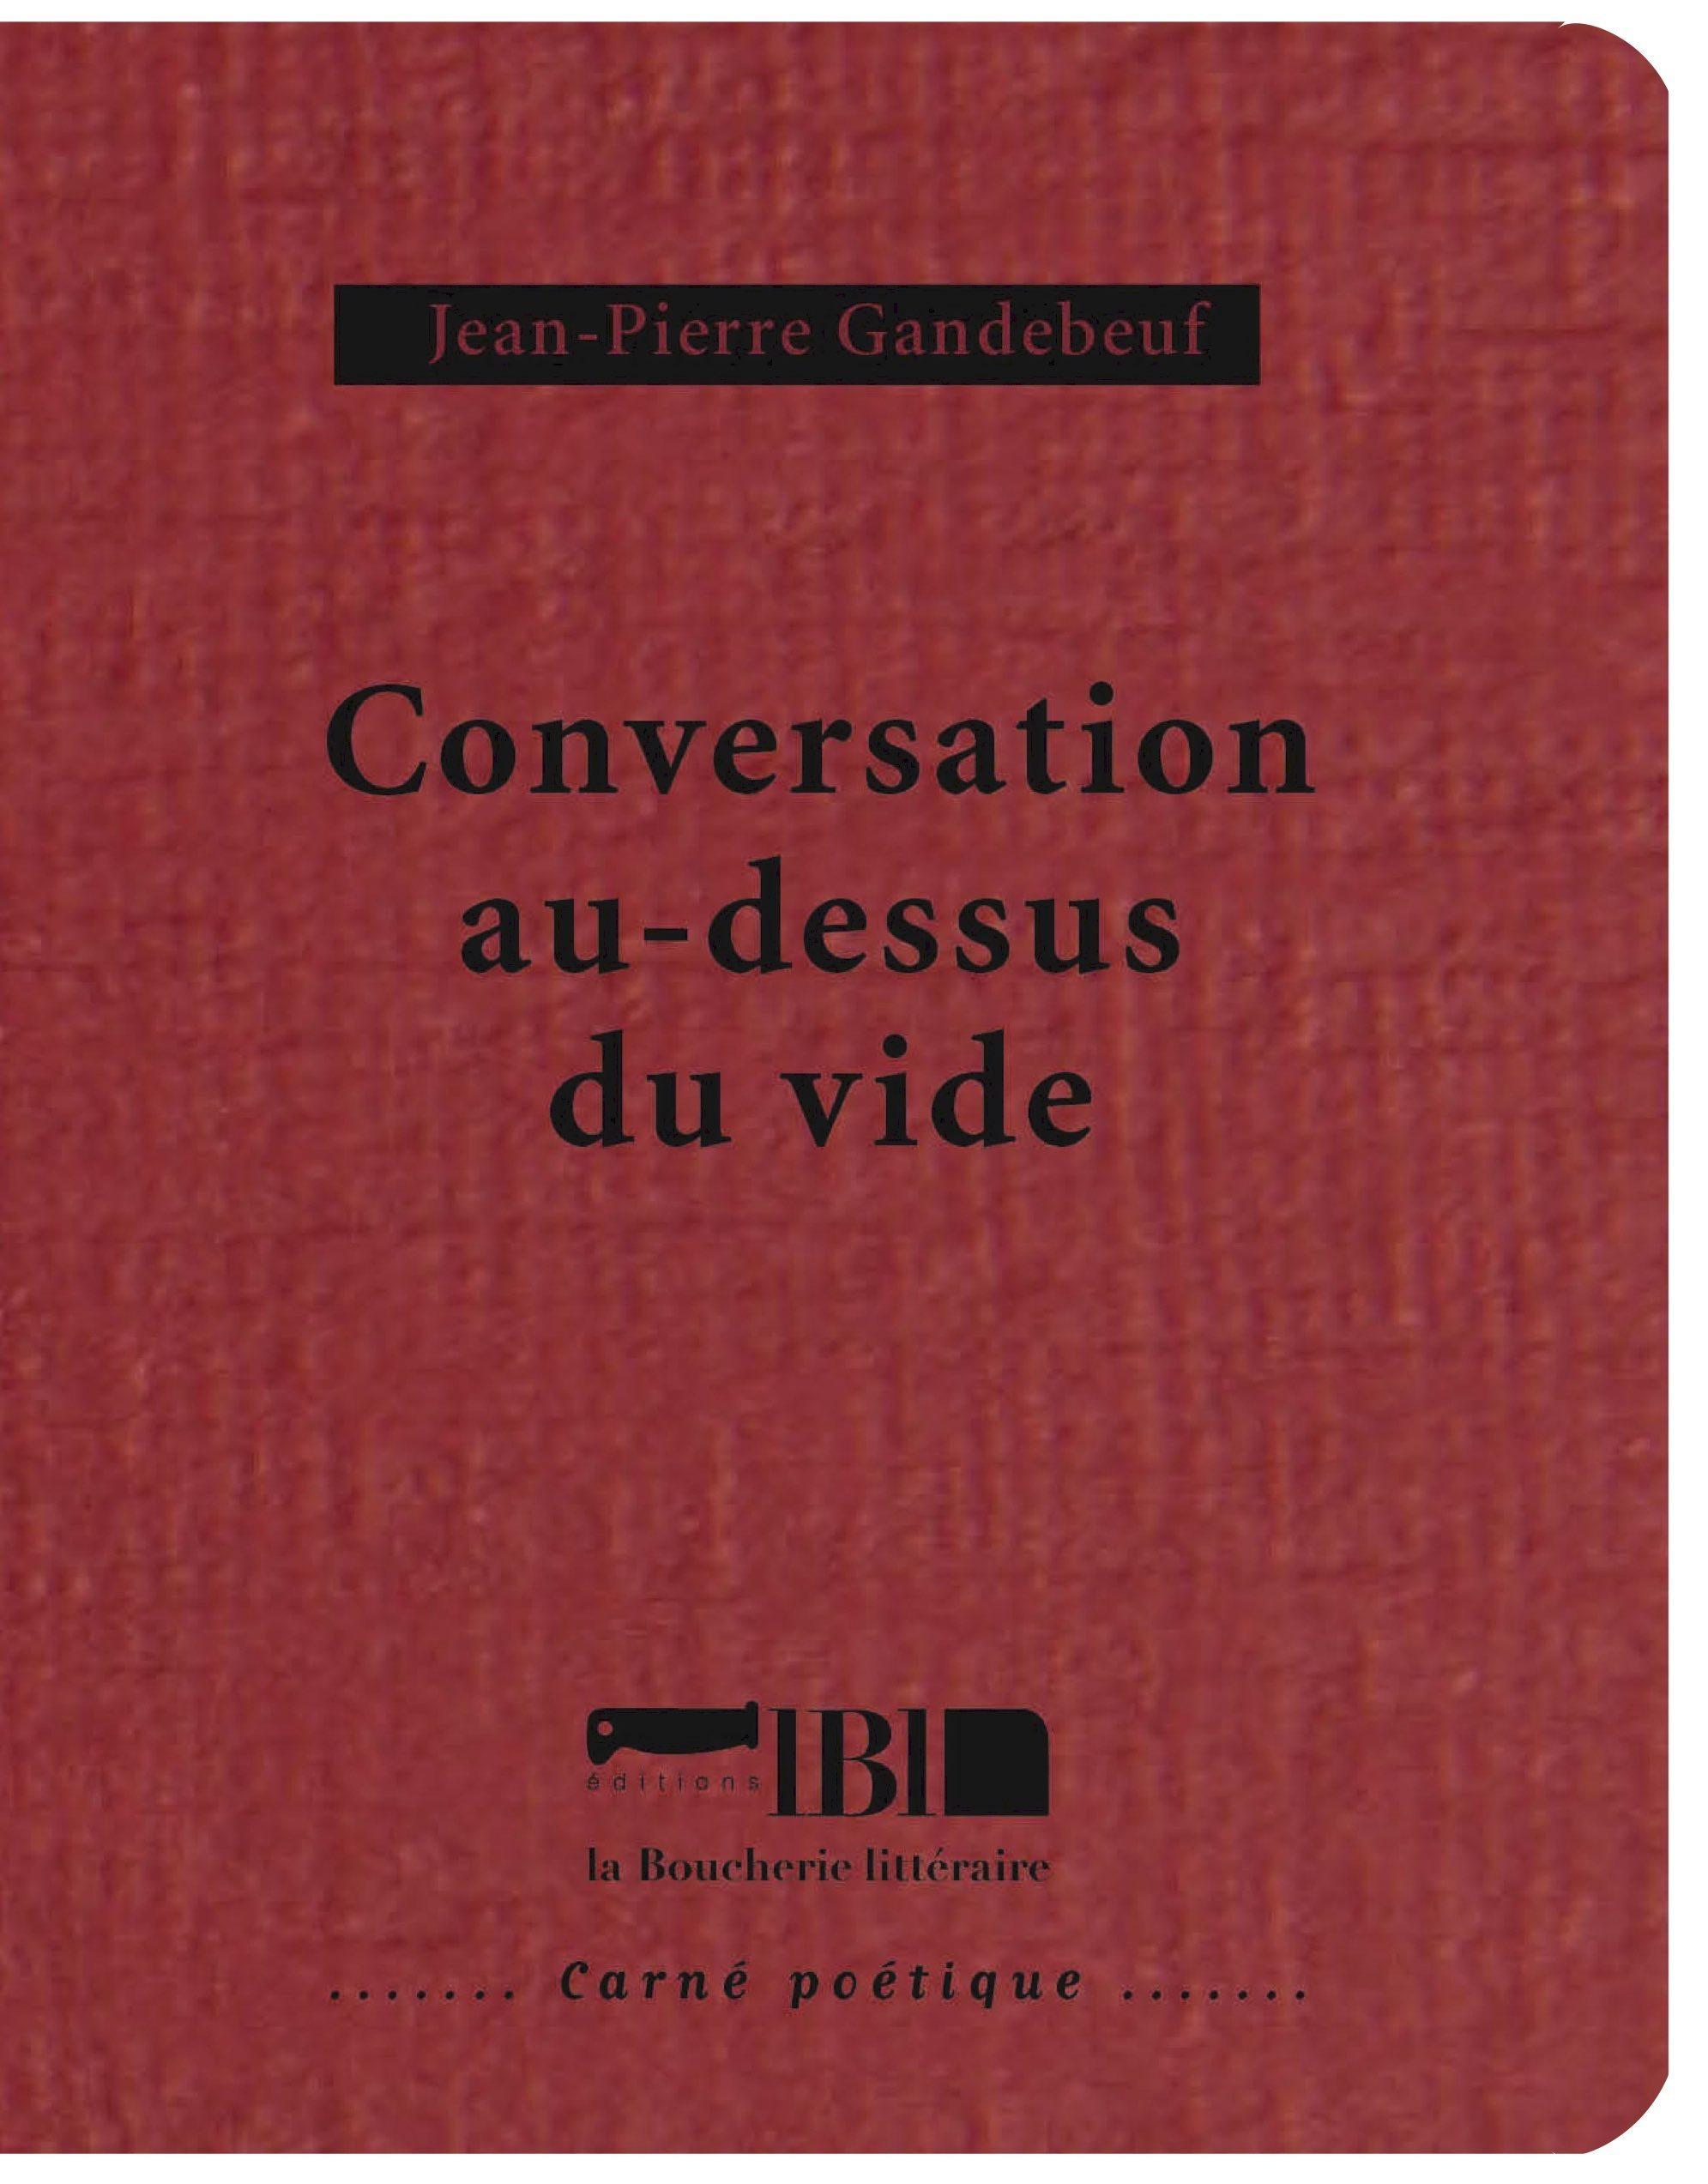 CONVERSATION AU-DESSUS DU VIDE